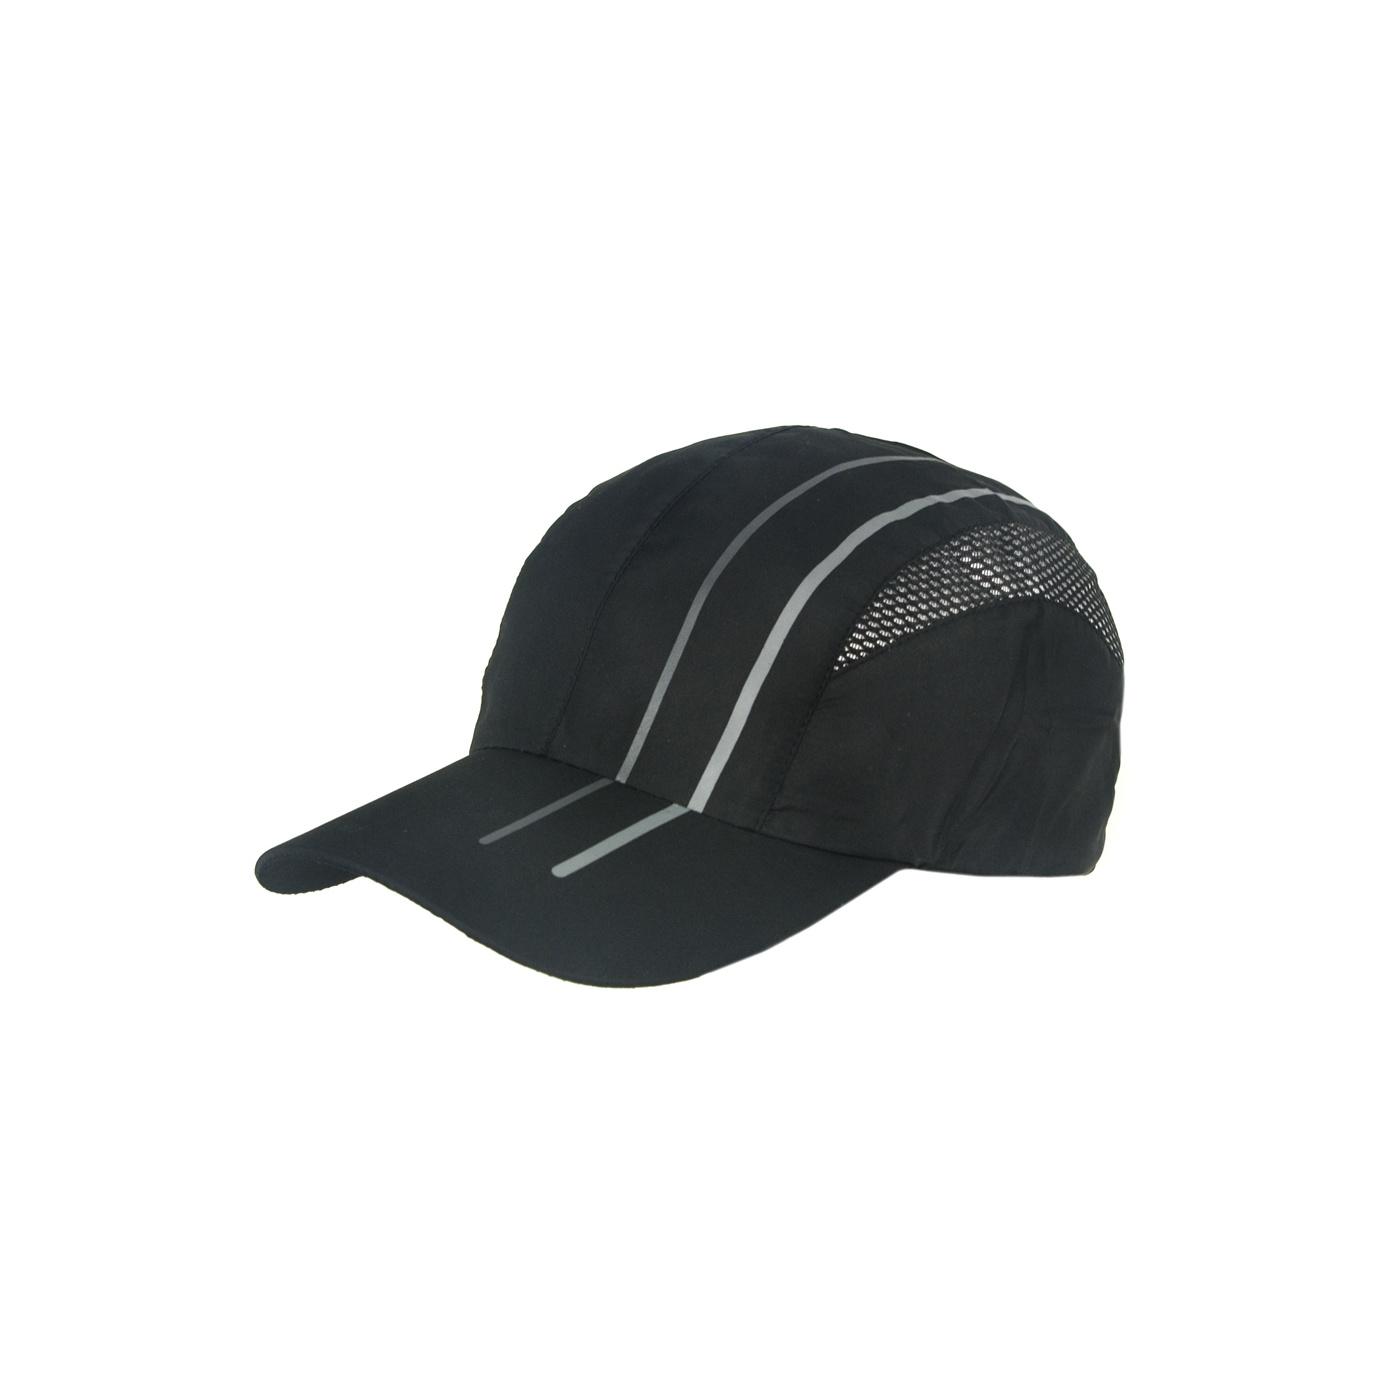 Lekka wentylowana czapka z daszkiem – czarna z siateczką